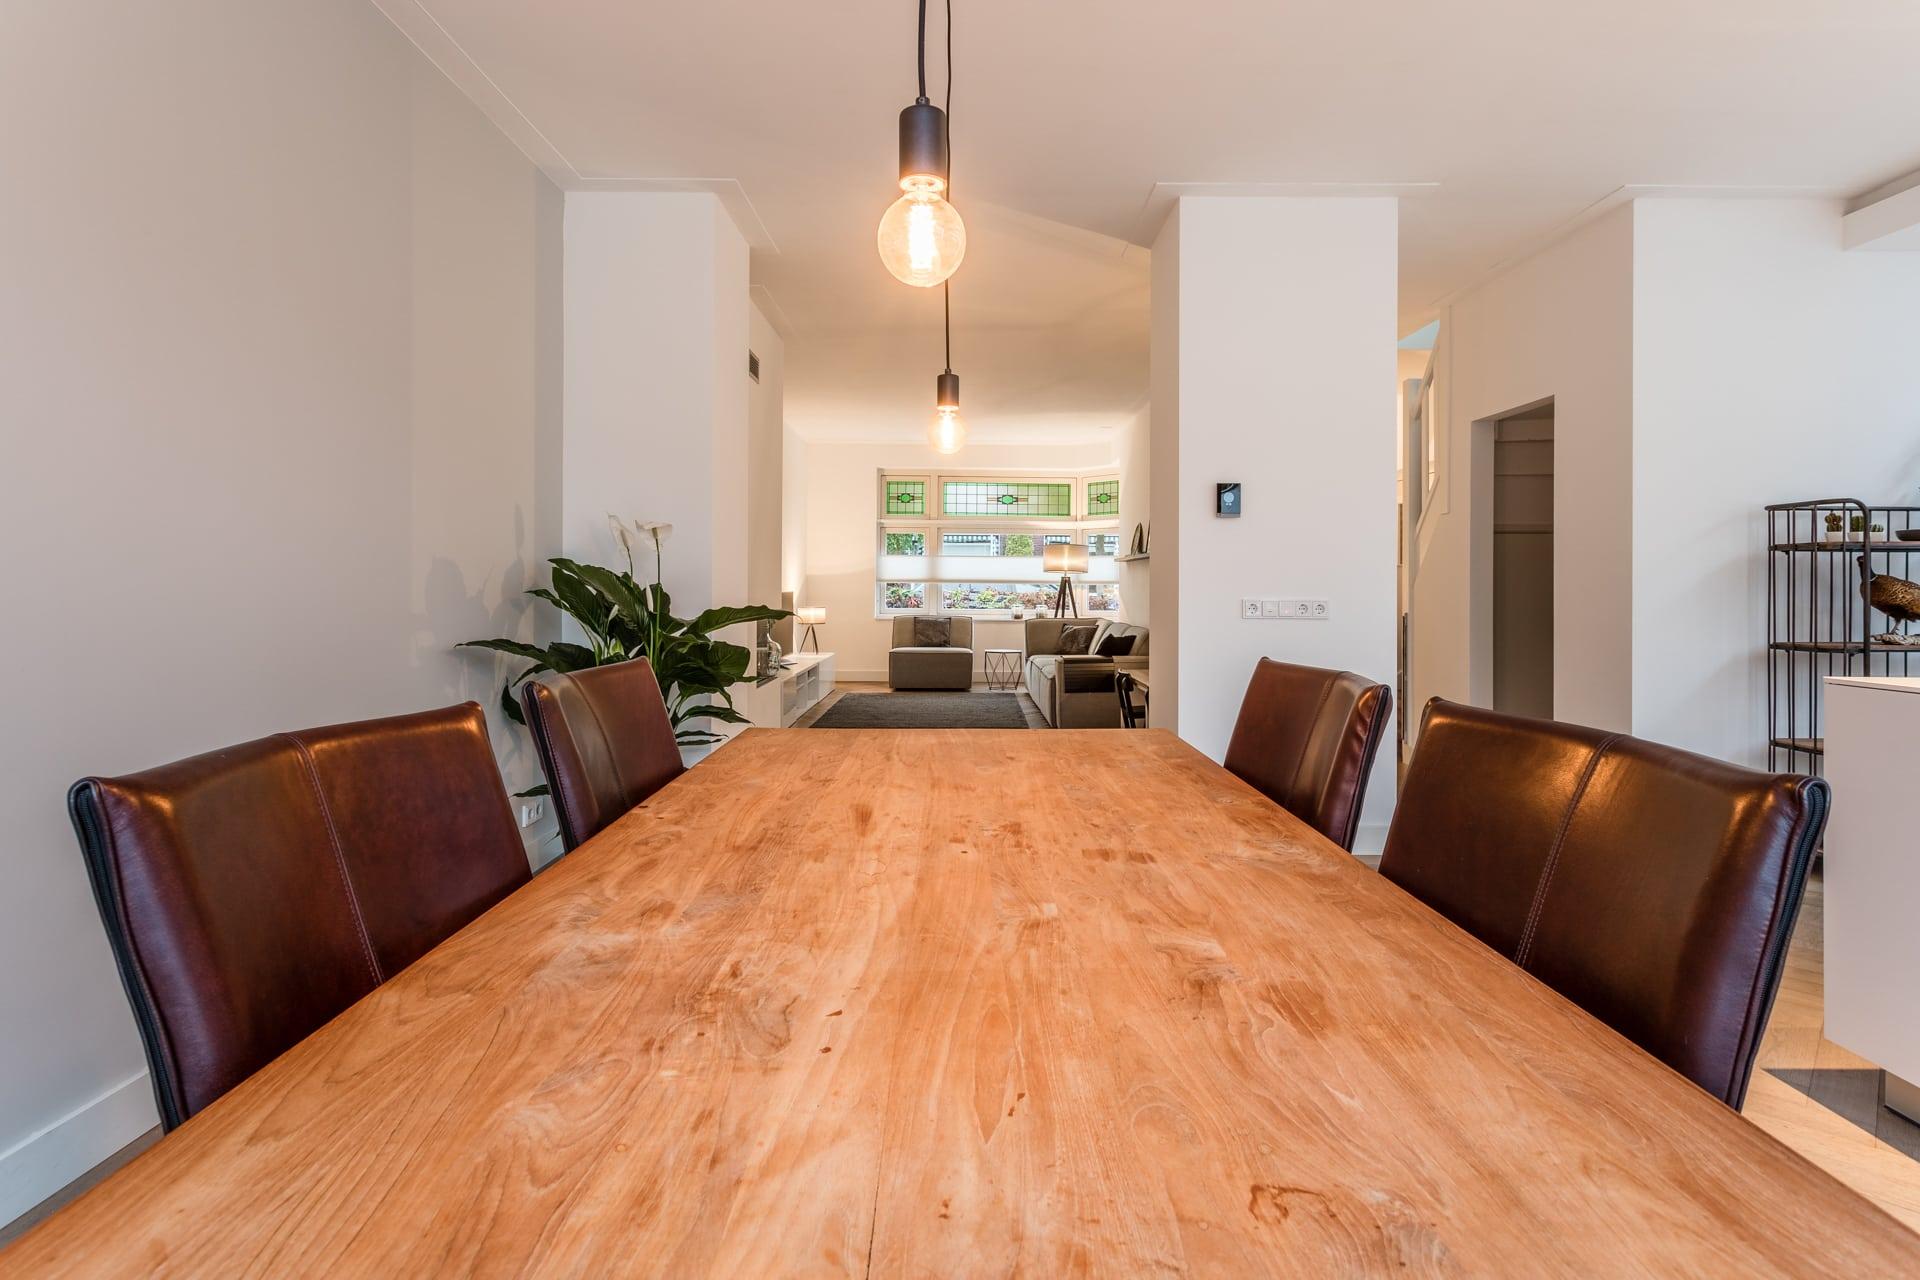 van-Os-architecten-verbouwing-2-onder-1-kapper-Valkenierslaan-Breda-zicht-op-ensuite